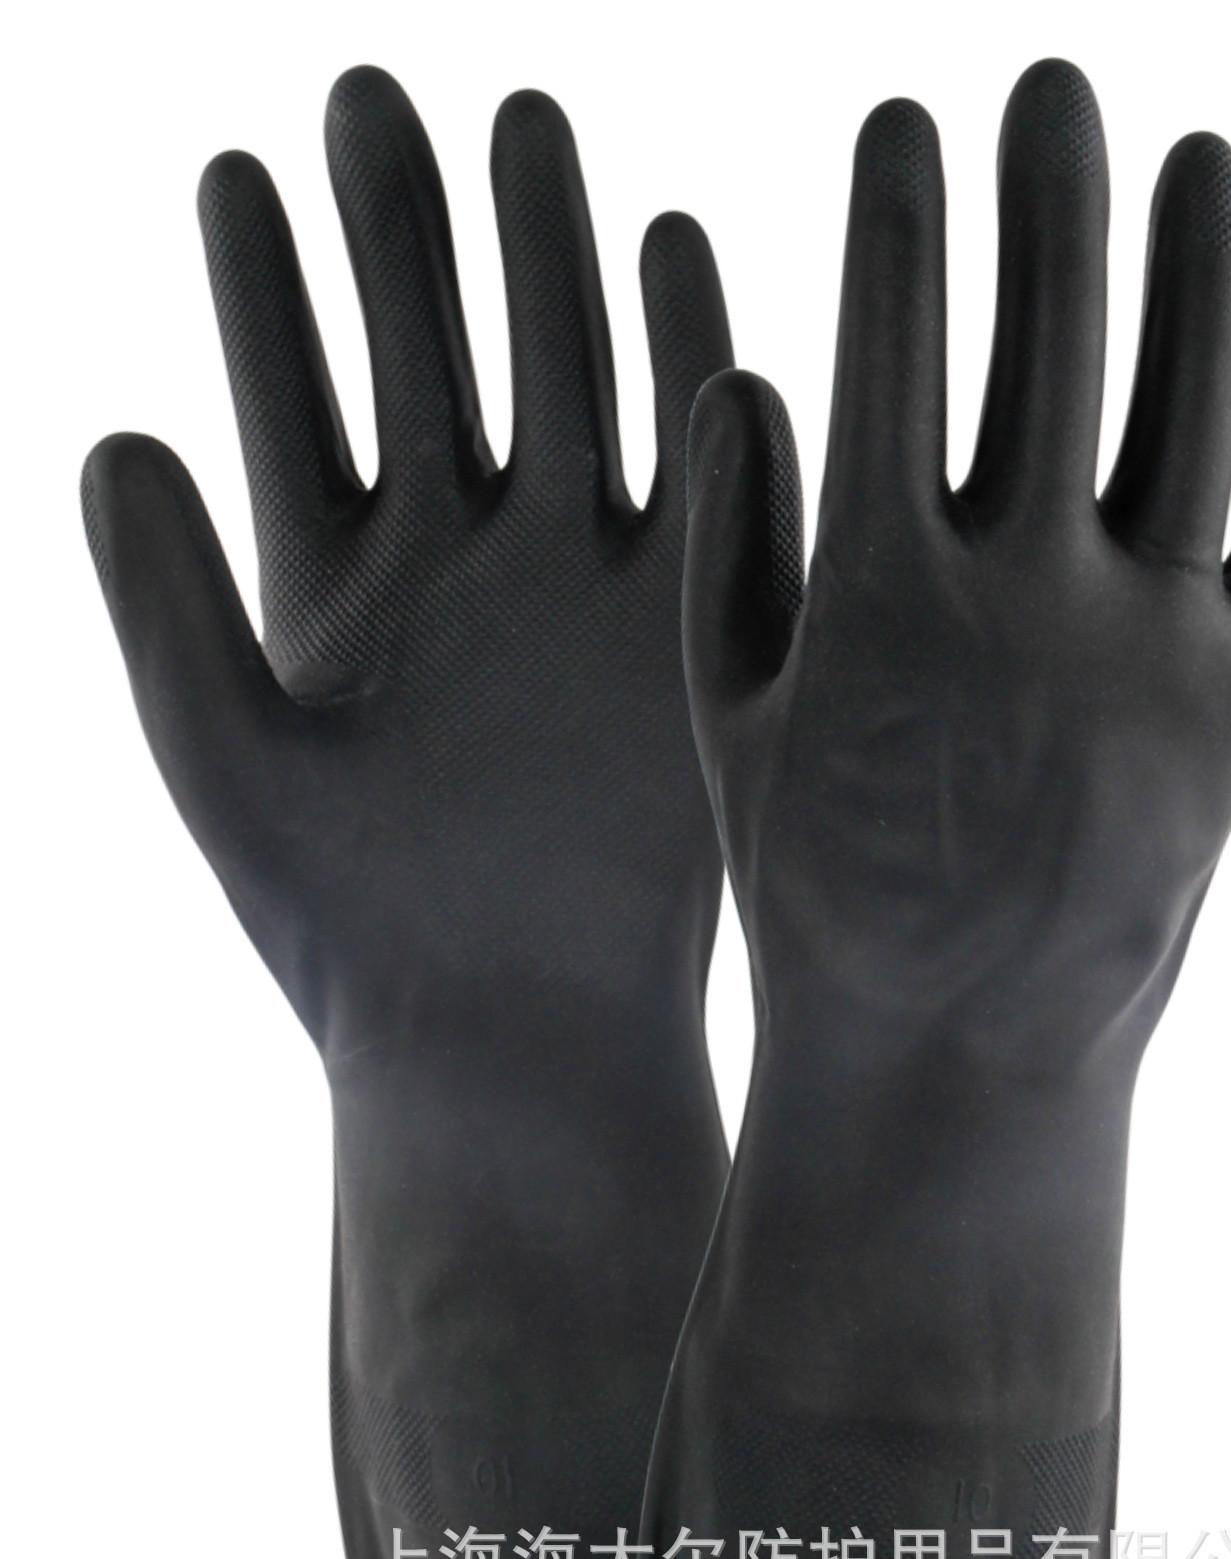 耐酸碱防化手套10-227 高性能防化手套 氯丁橡胶防化手套 批发